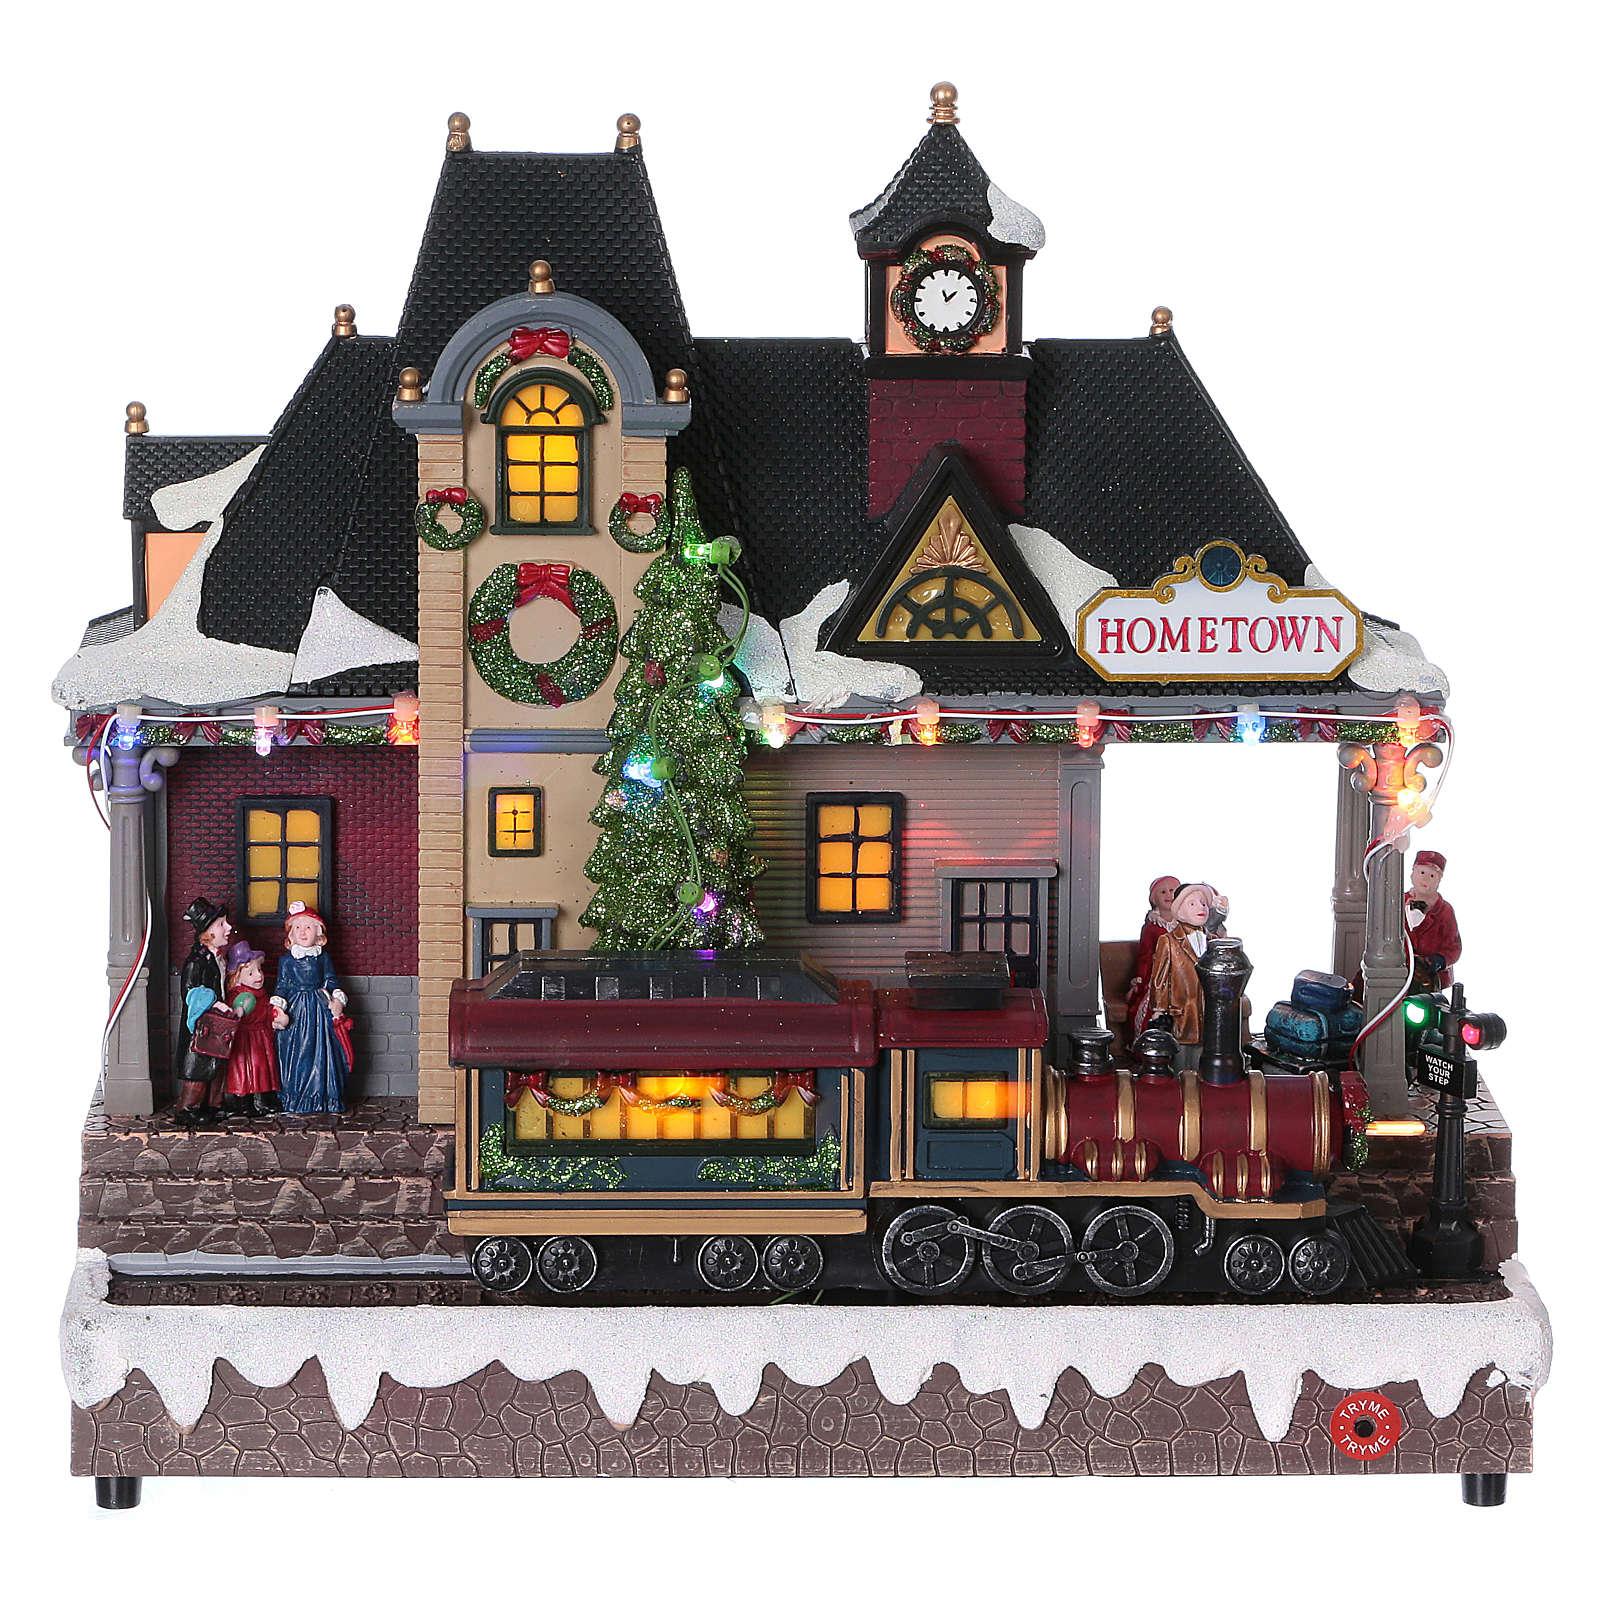 Scenka bożonarodzeniowa stacja kolejowa pociąg ruchomy podświetlana 30x30x15 na baterie zasilacz 3